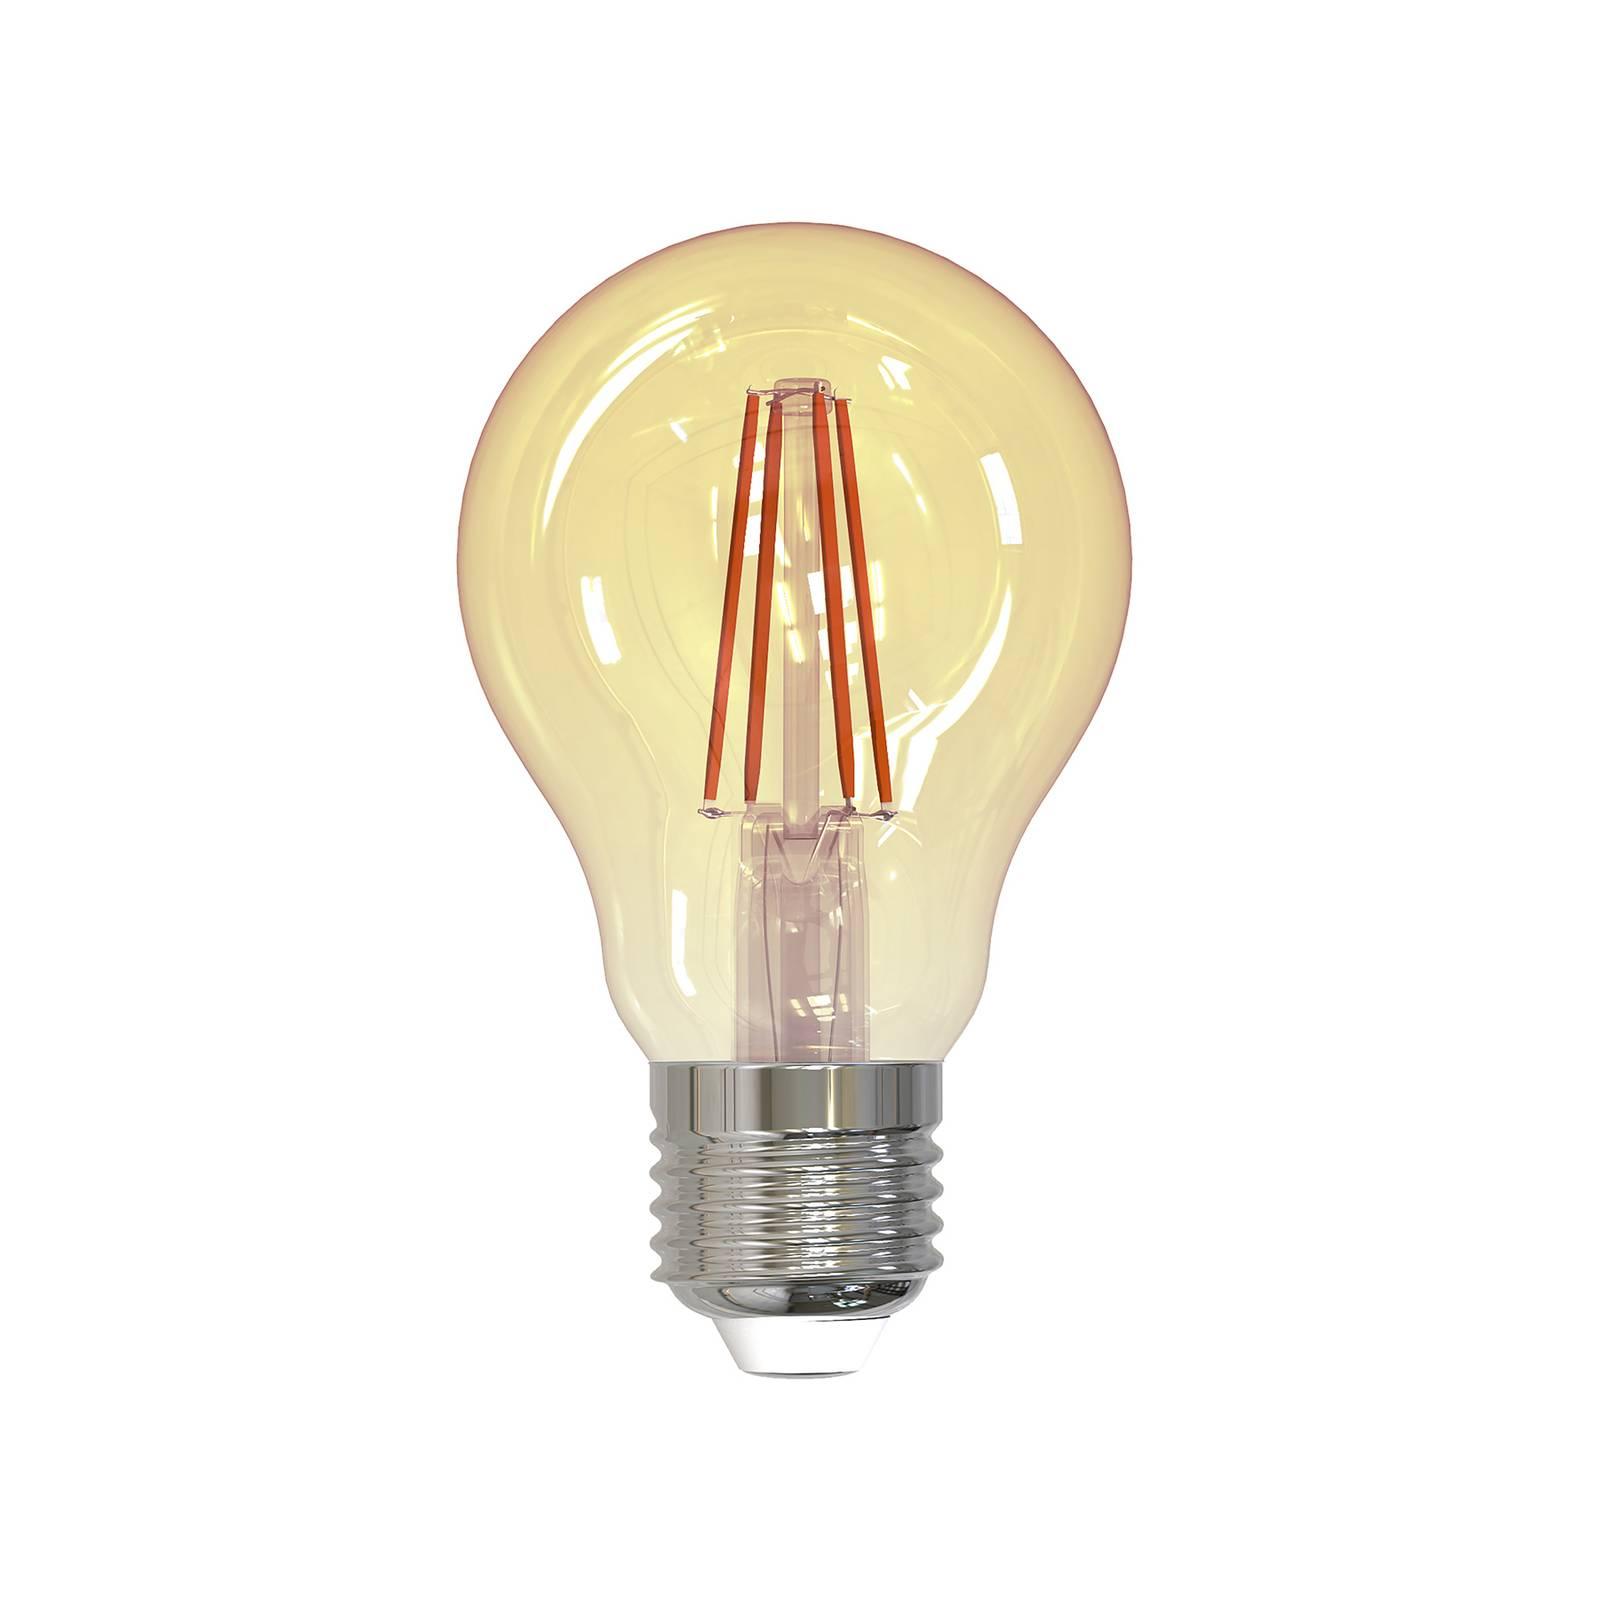 Lampadina LED filamenti E27 4,5W 2.000K 400lm oro